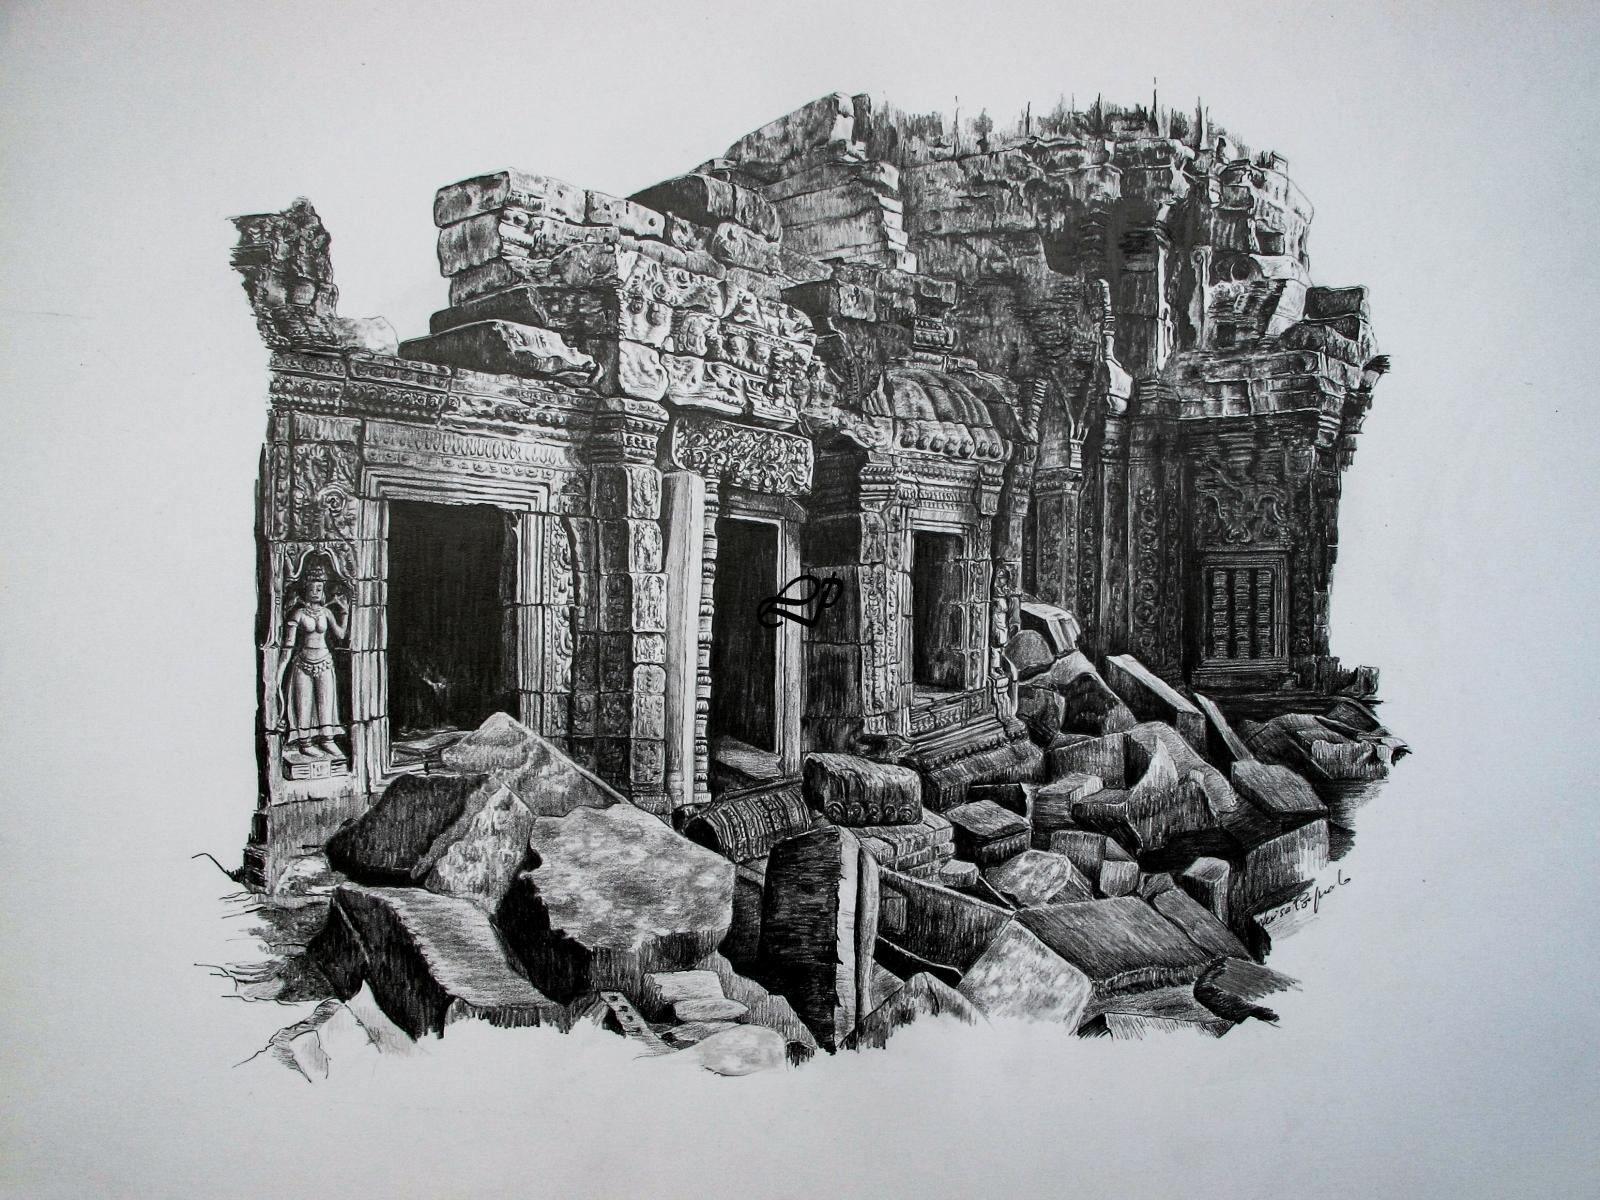 cambogia-3